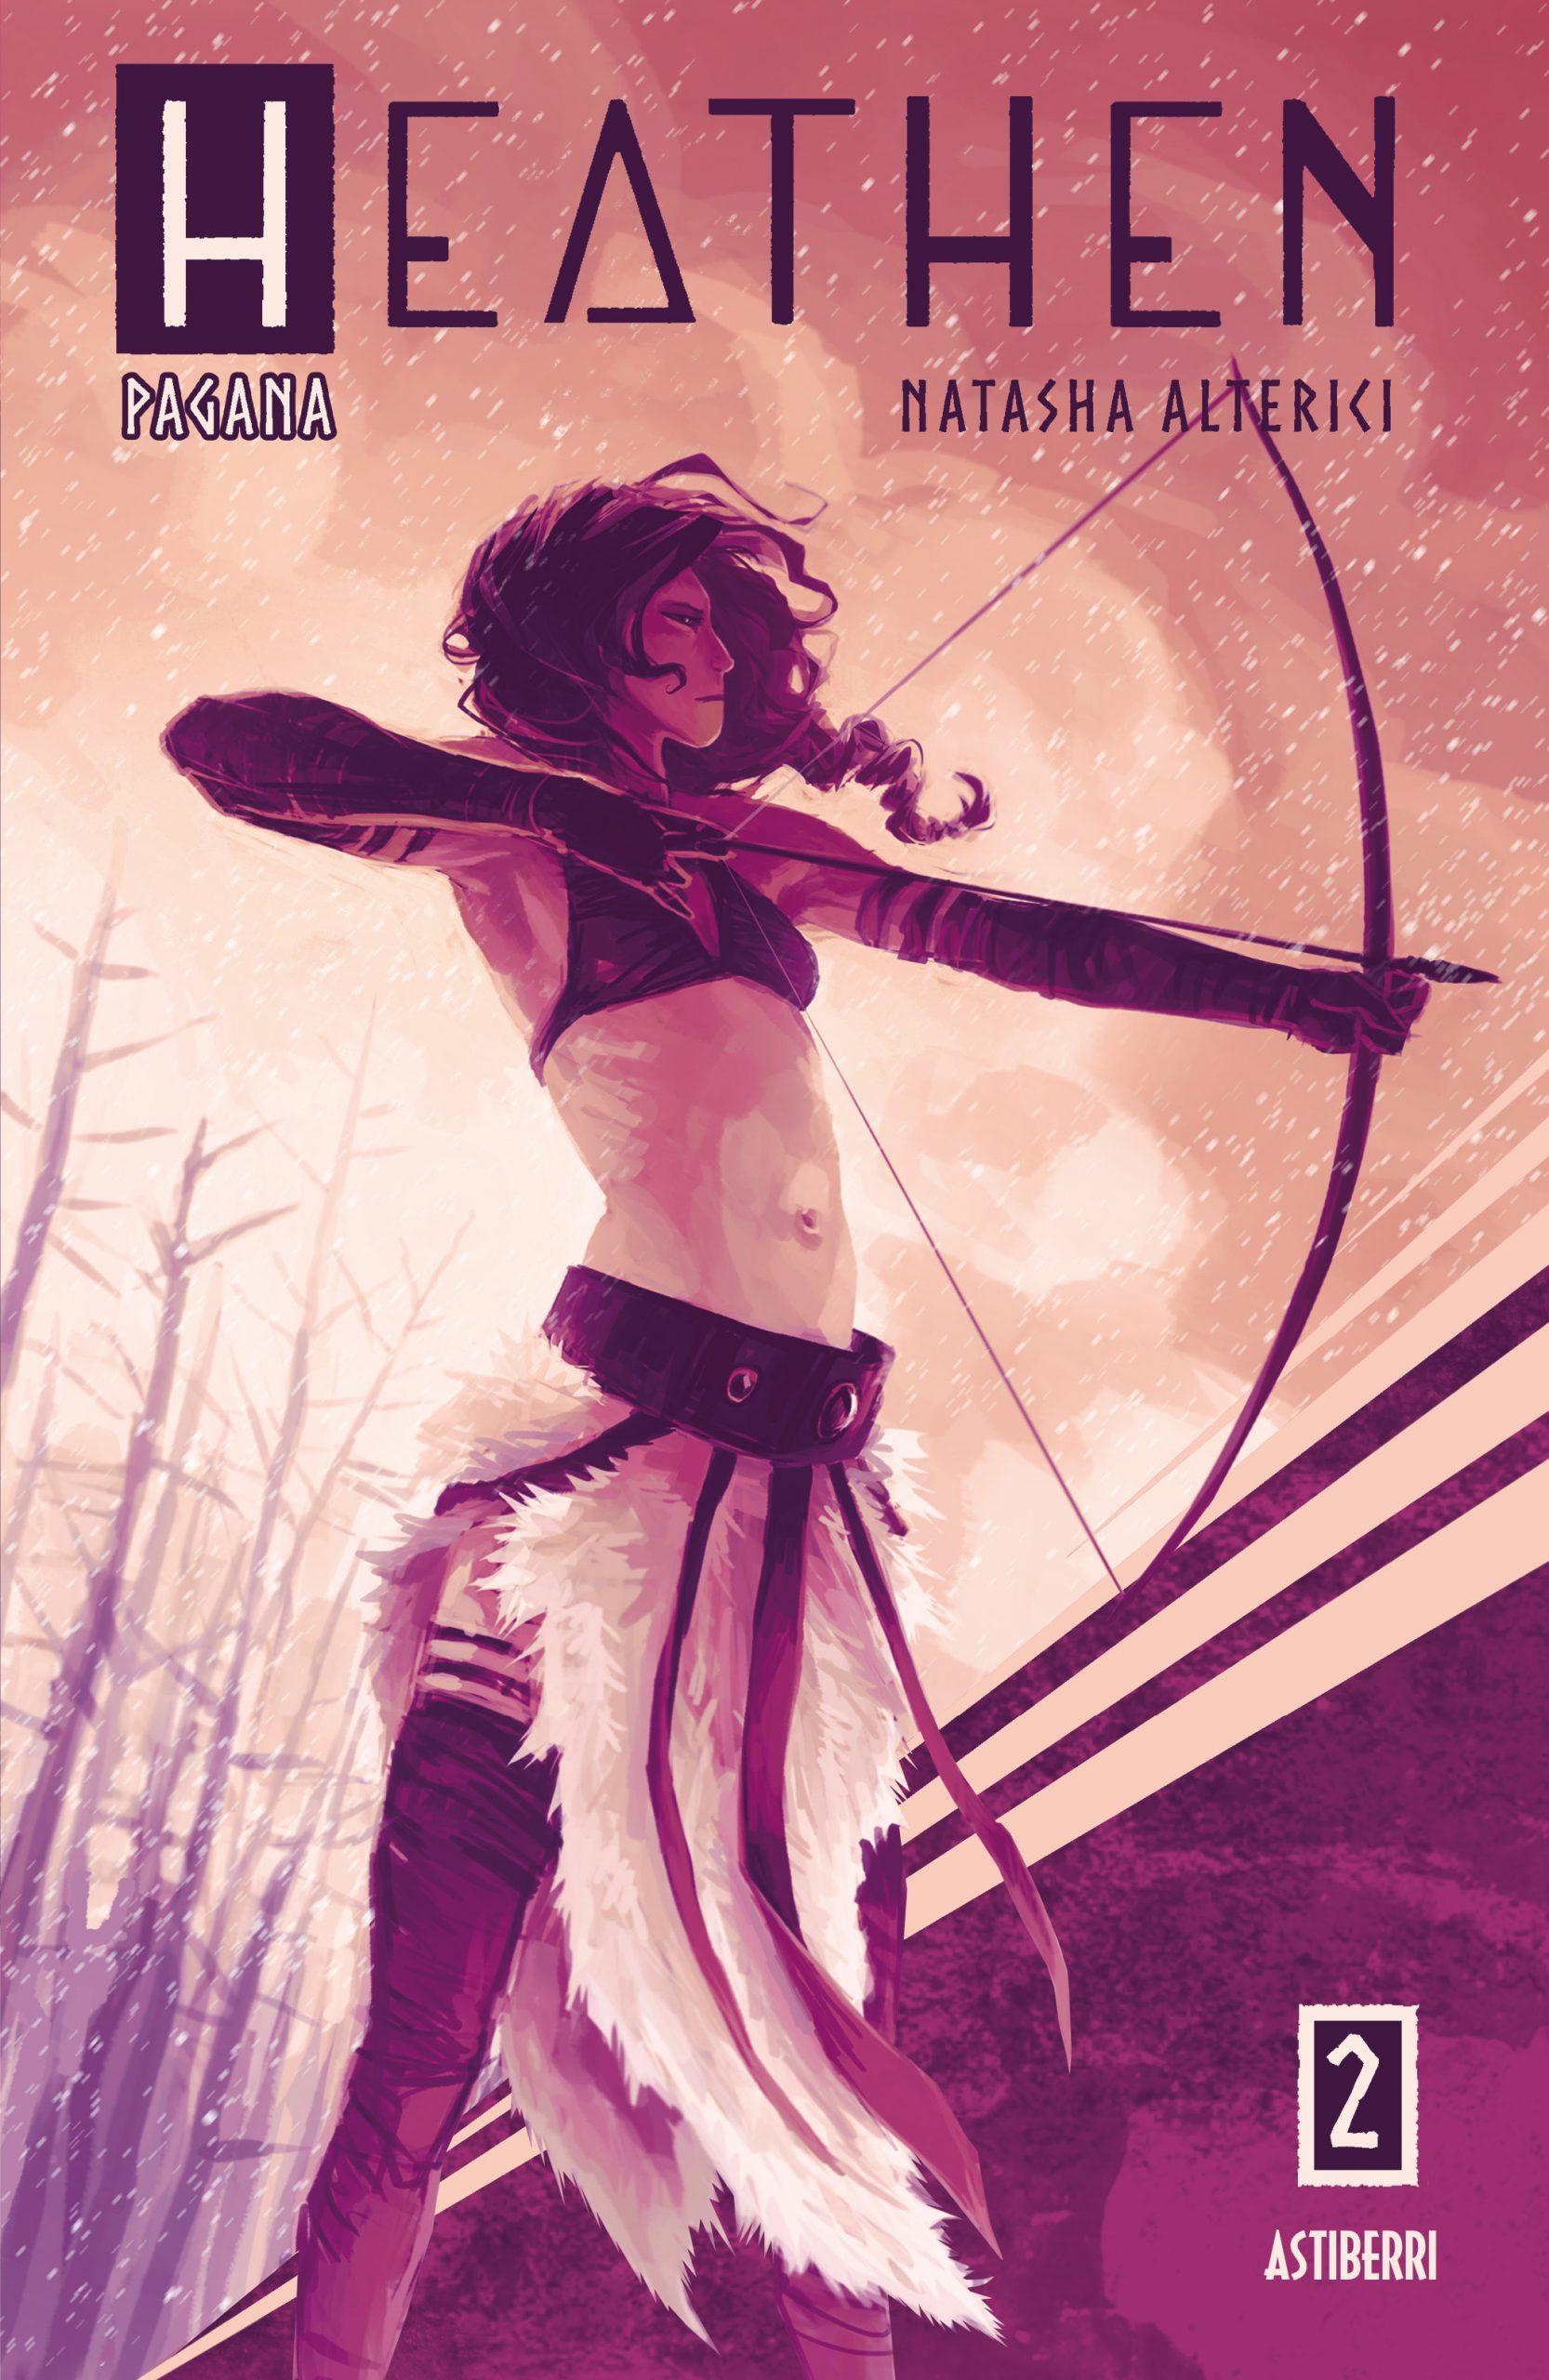 Heathen 02 Book Cover